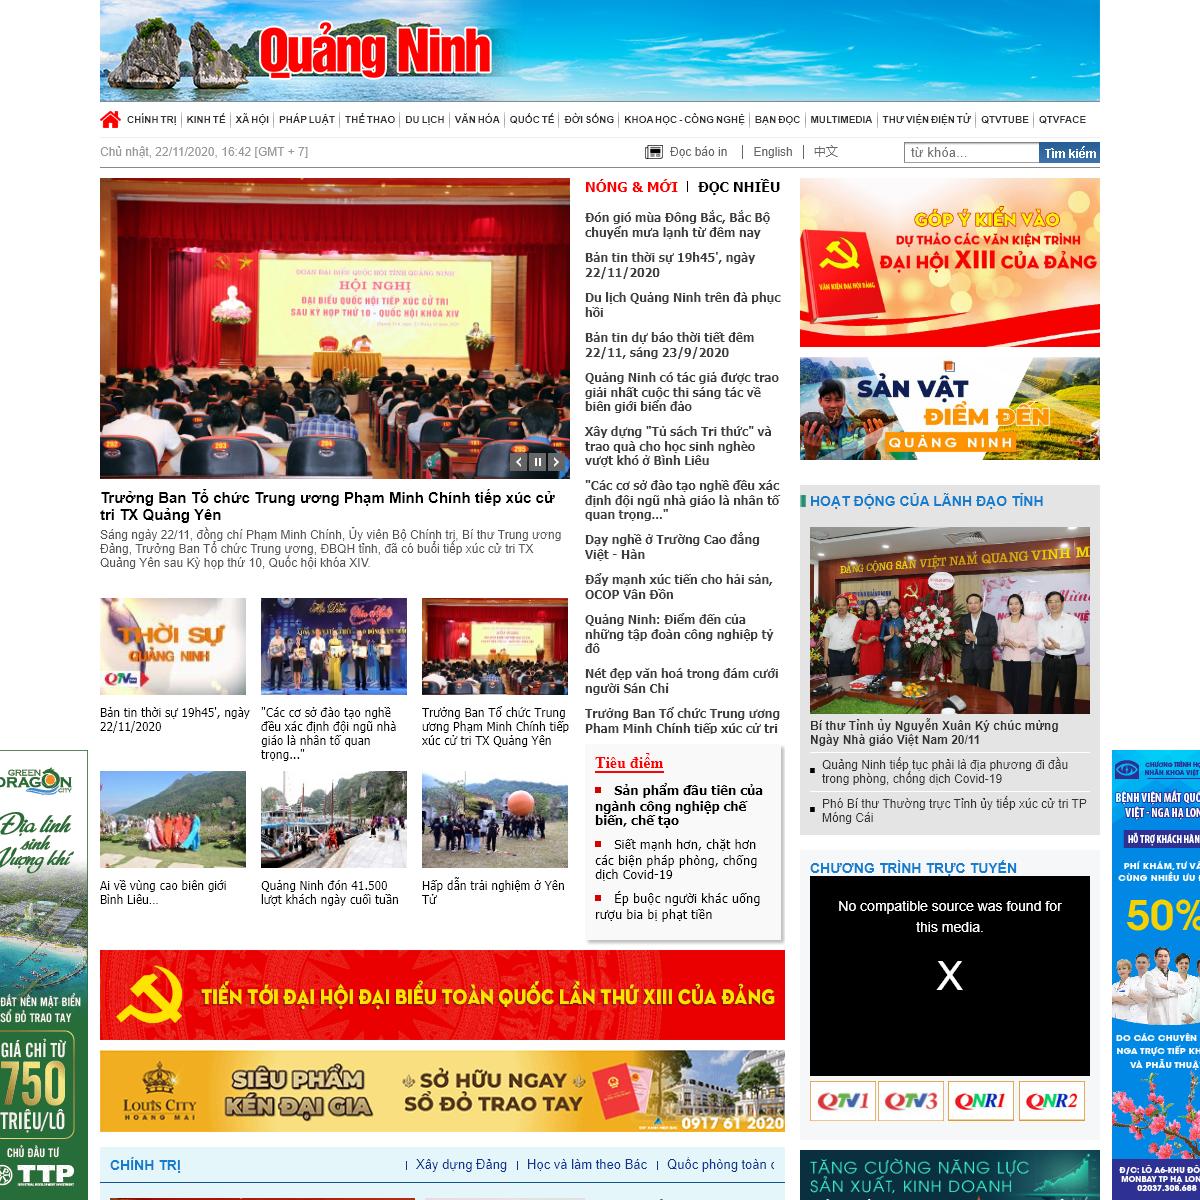 Báo Quảng Ninh điện tử